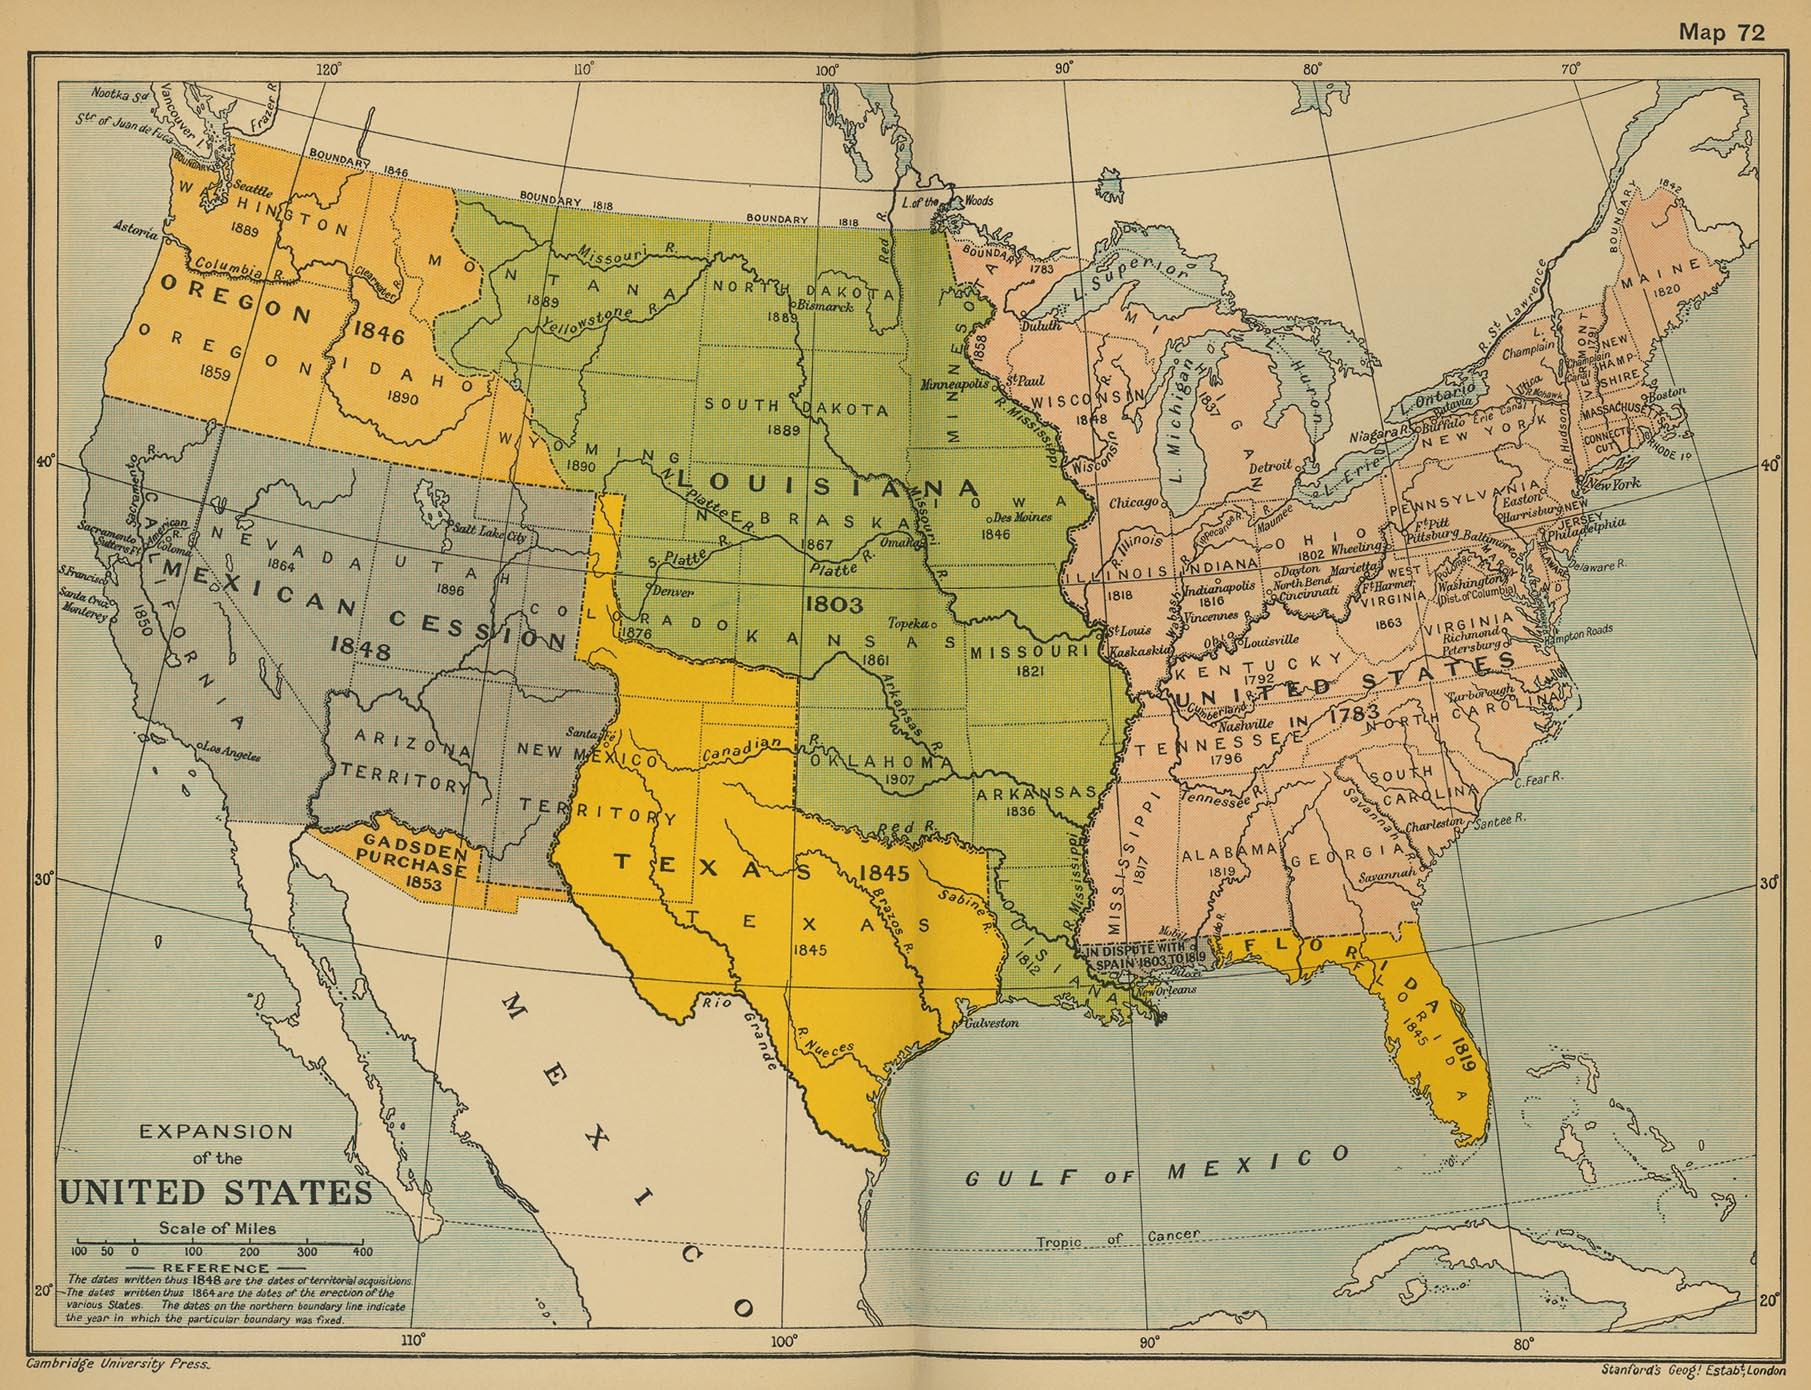 La expansión de los Estados Unidos 1848